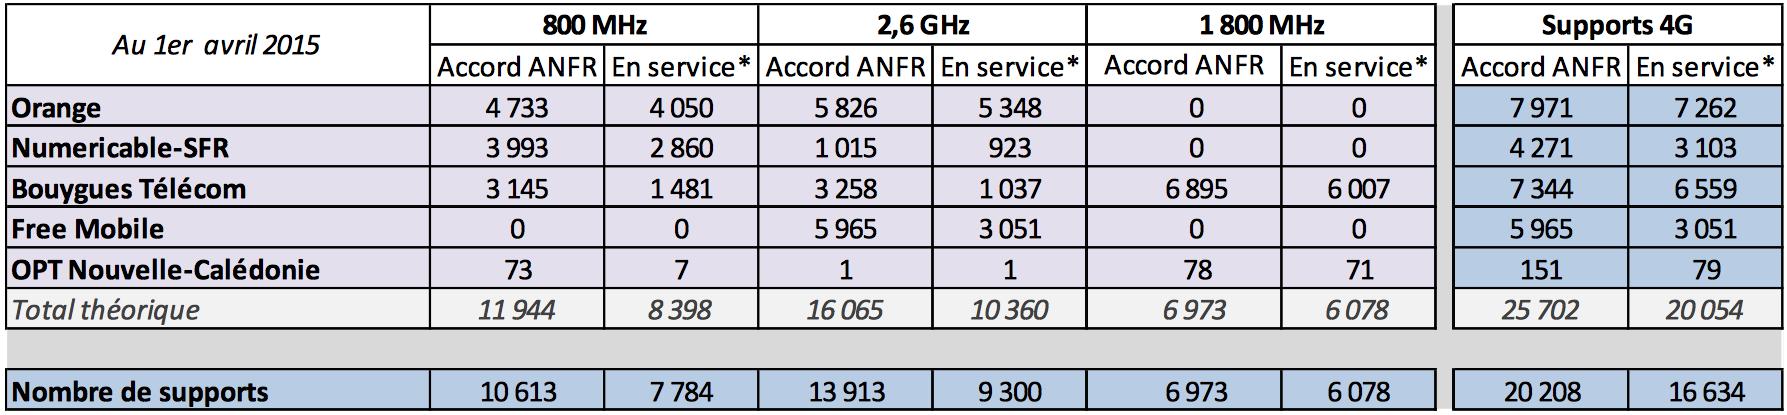 Free couverture 4G Free couvre désormais 78% de la France en 3G